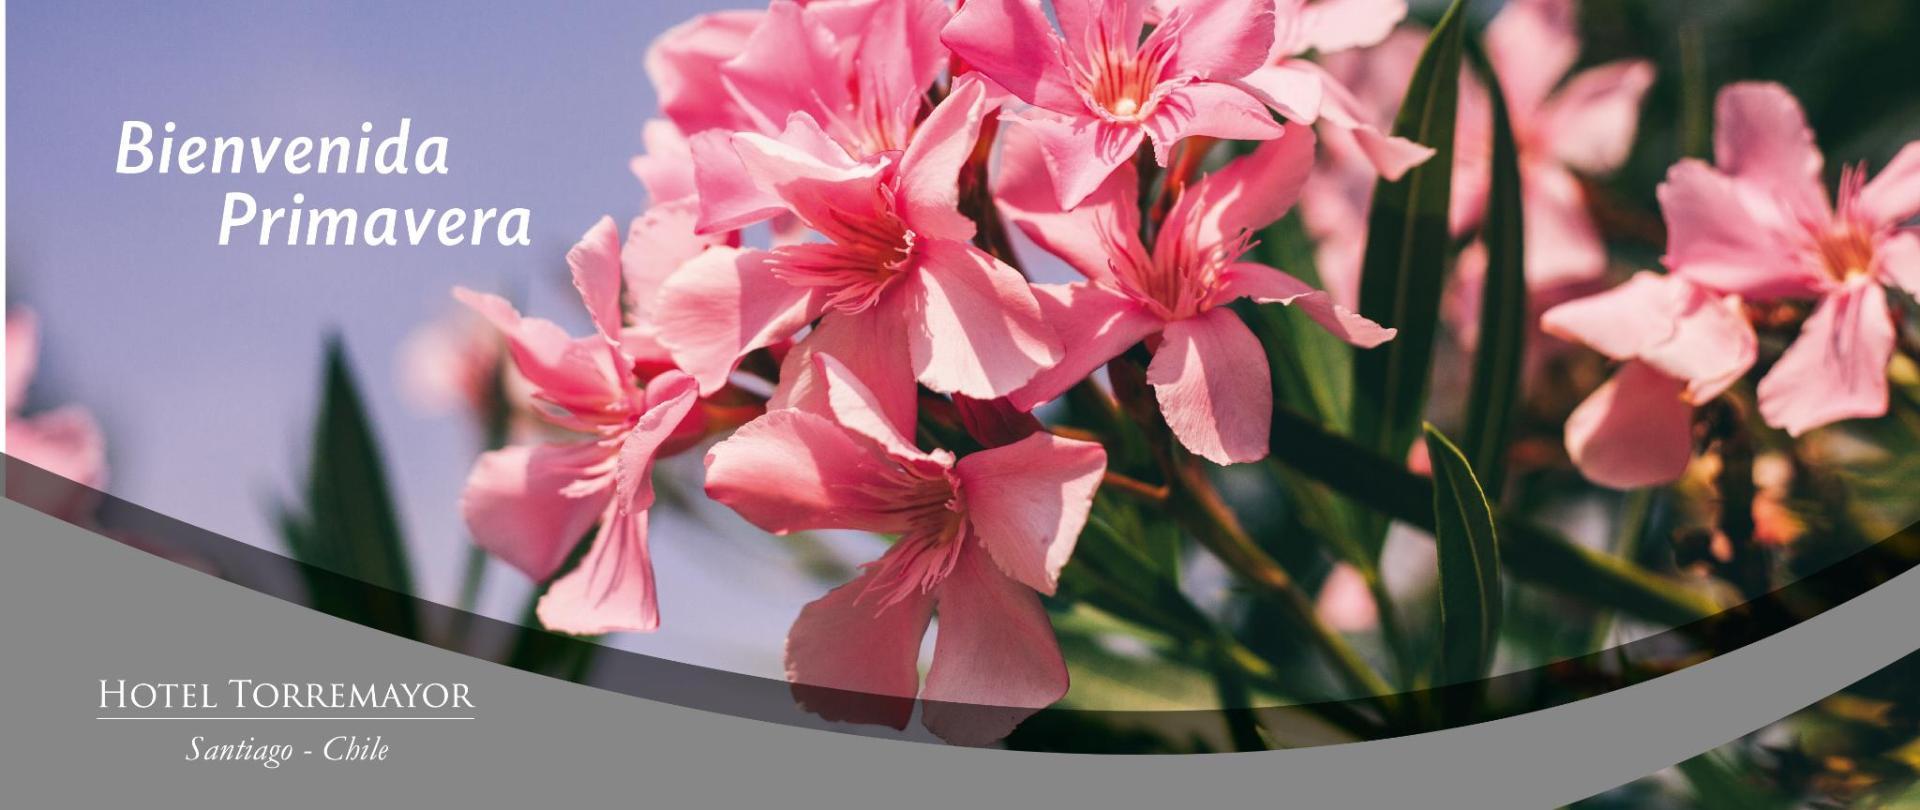 primavera-web-prov.jpg